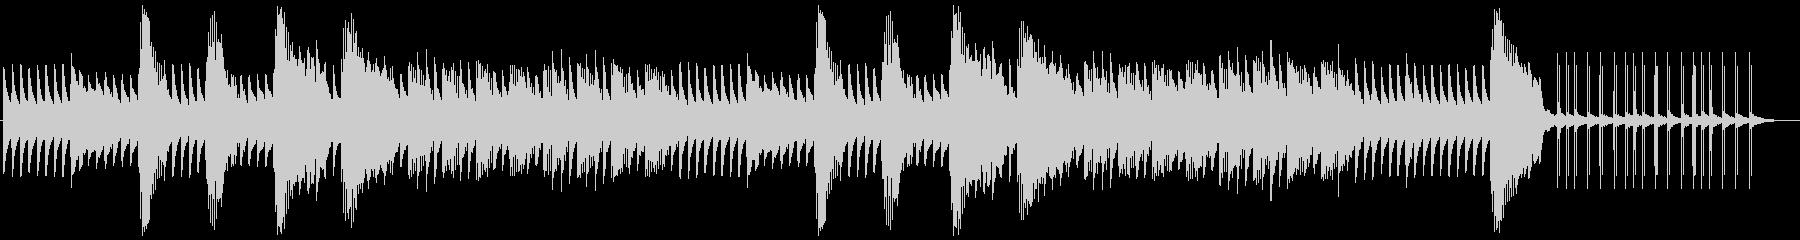 架空のサスペンス映画音楽の未再生の波形